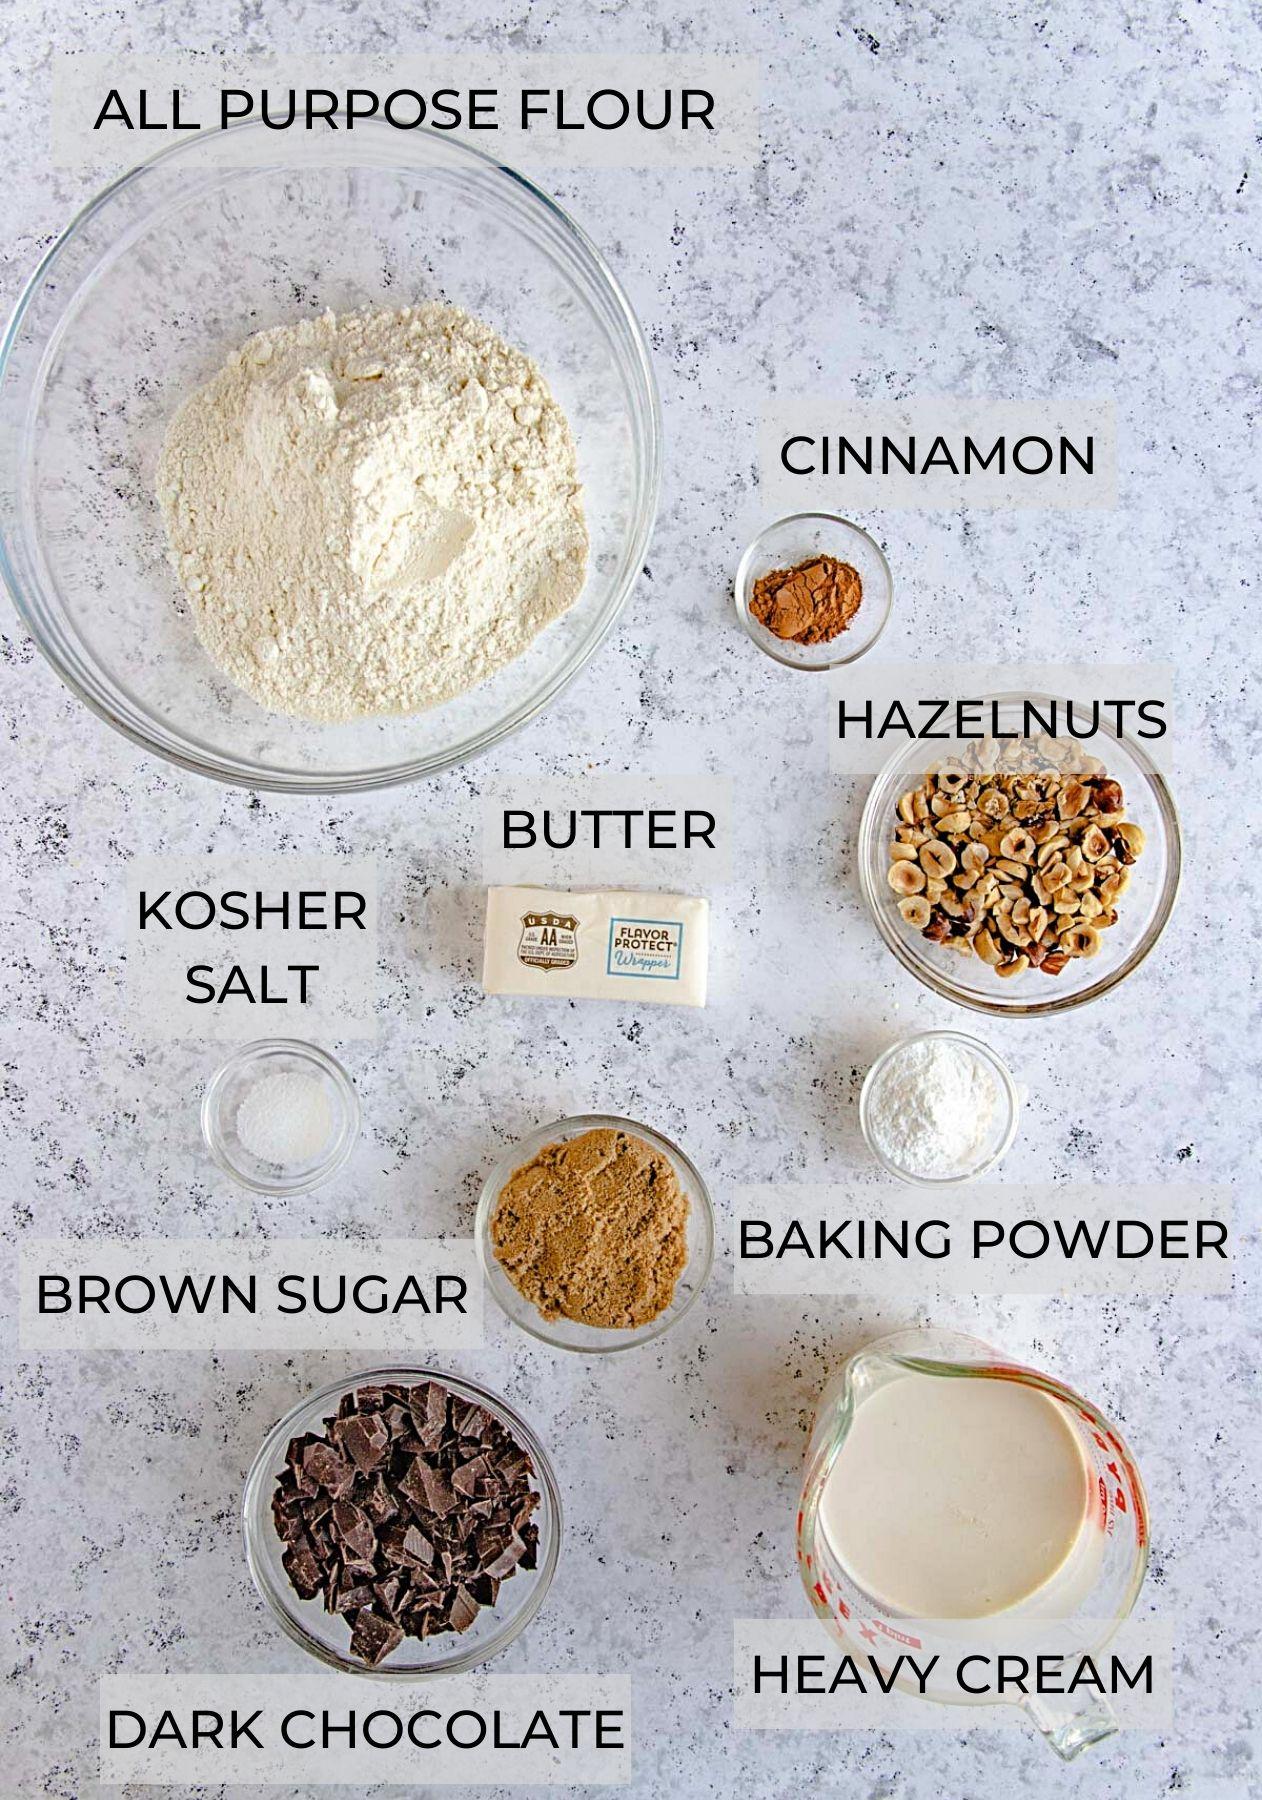 Chocolate hazelnut scone ingredients in separate bowls- flour, hazelnuts, chopped chocolate, heavy cream, brown sugar, butter,  baking powder and kosher salt